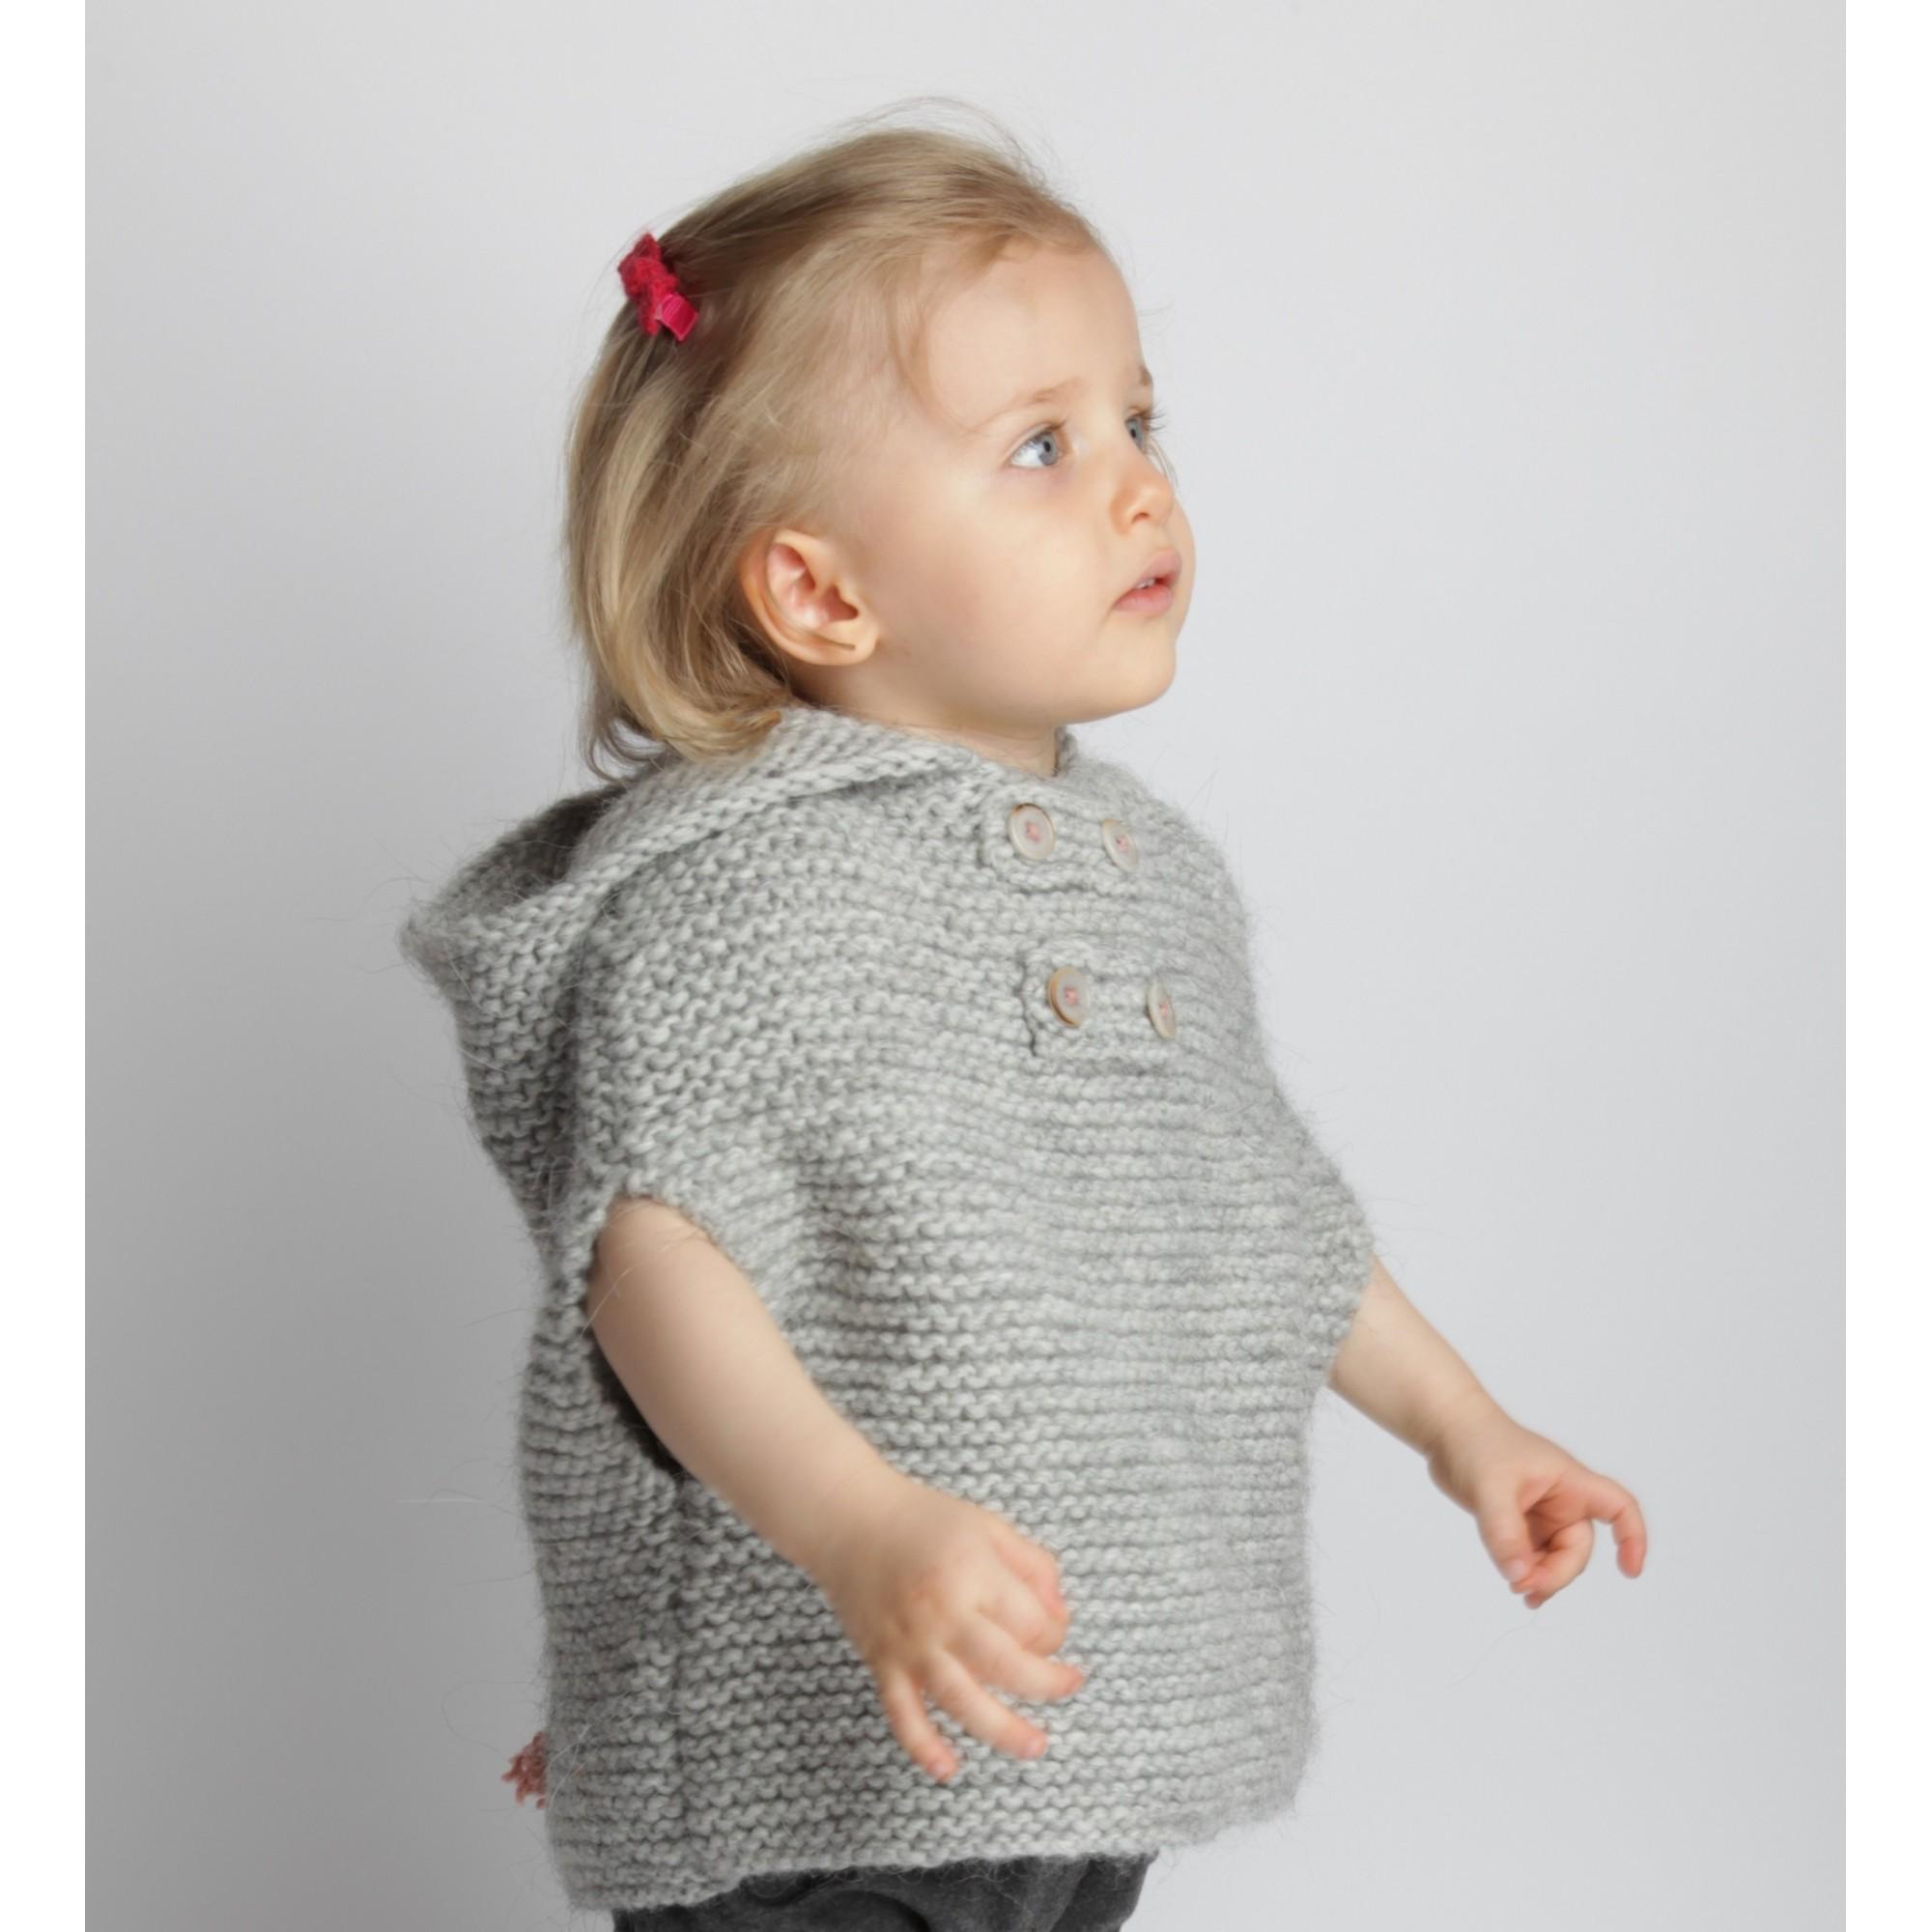 Cape bébé grise, tricotée au point mousse, en laine et alpaga - portée